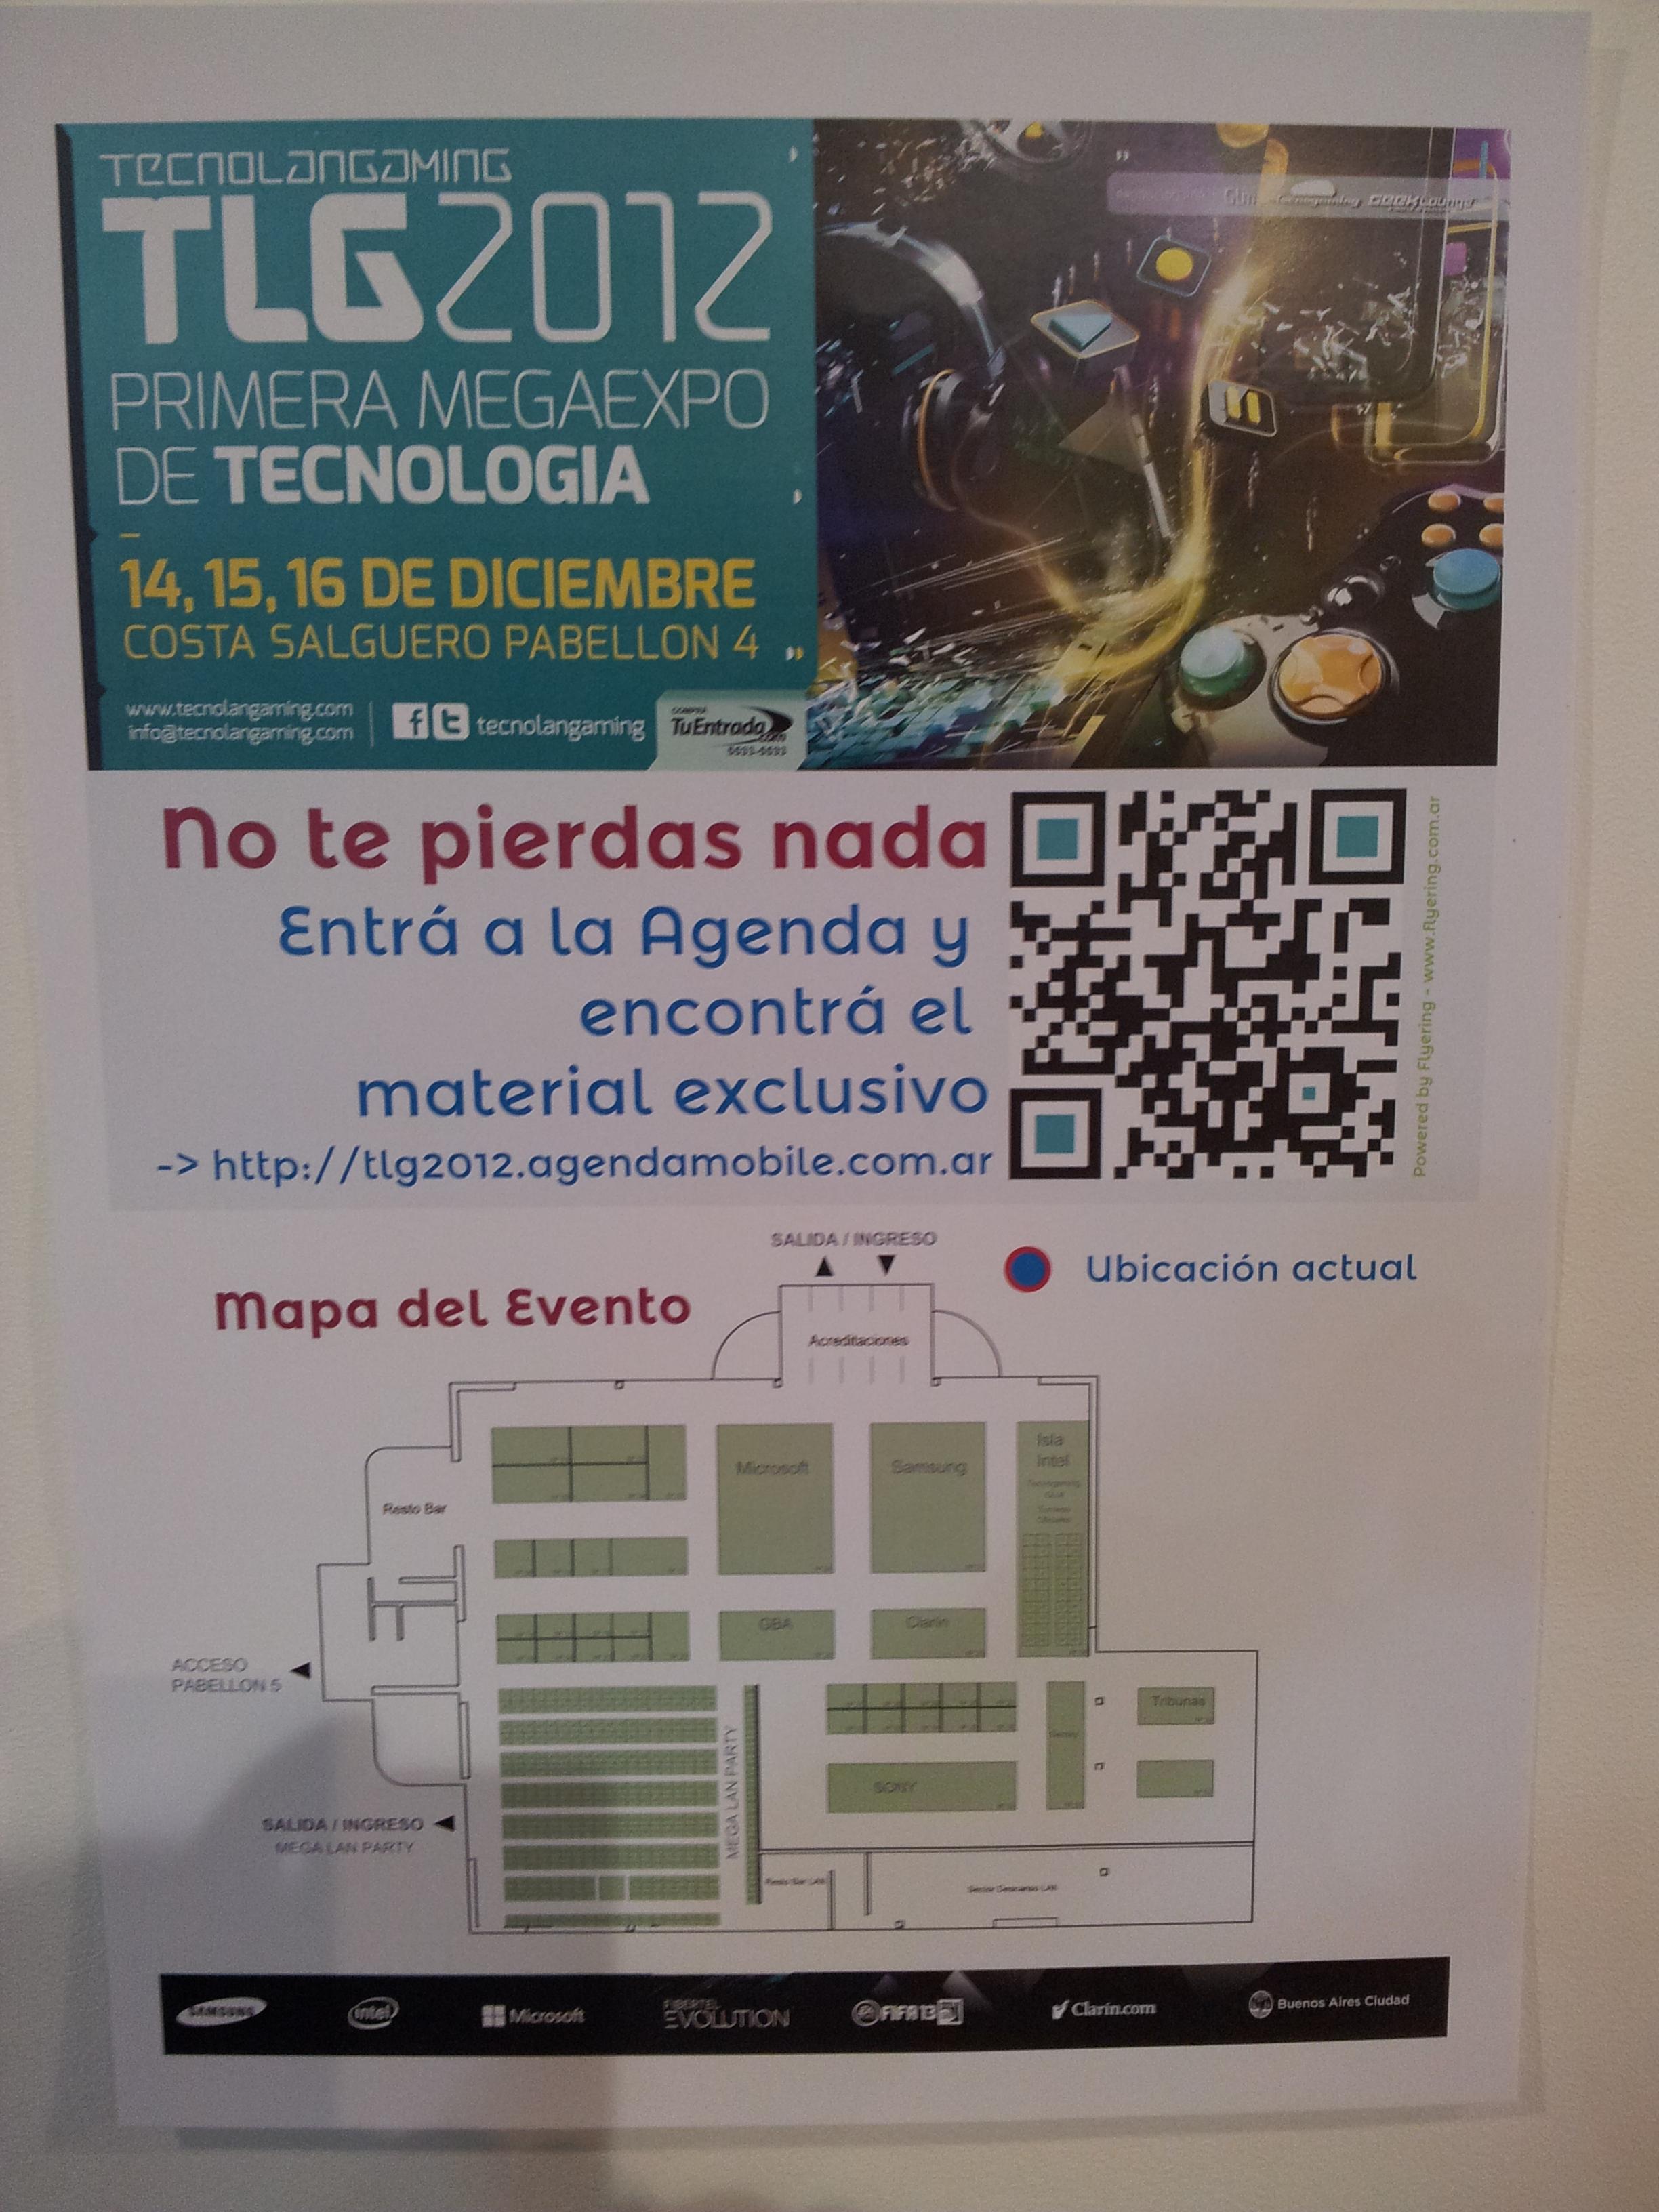 Detalle del cartel de acceso al Kronos de la TLG2012.